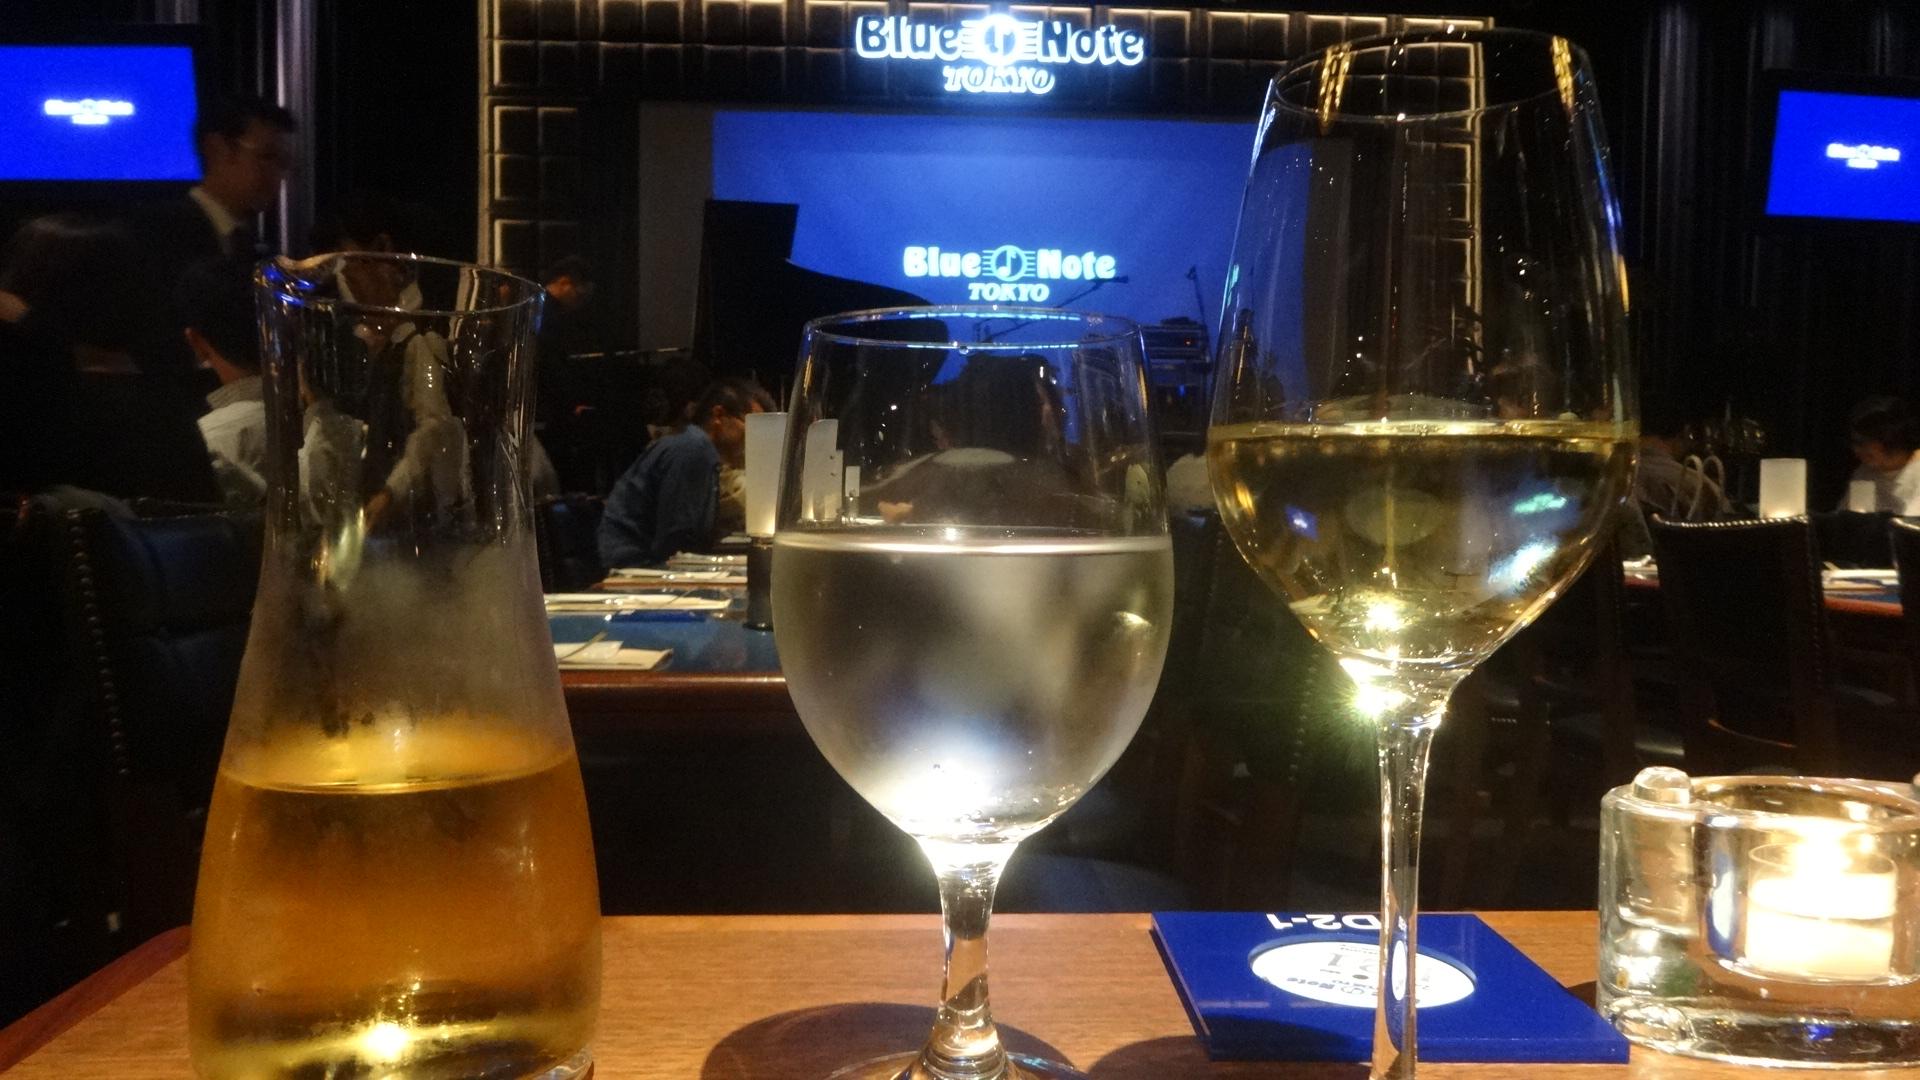 ブルーノートの店内の様子とテーブルの上のワイングラス